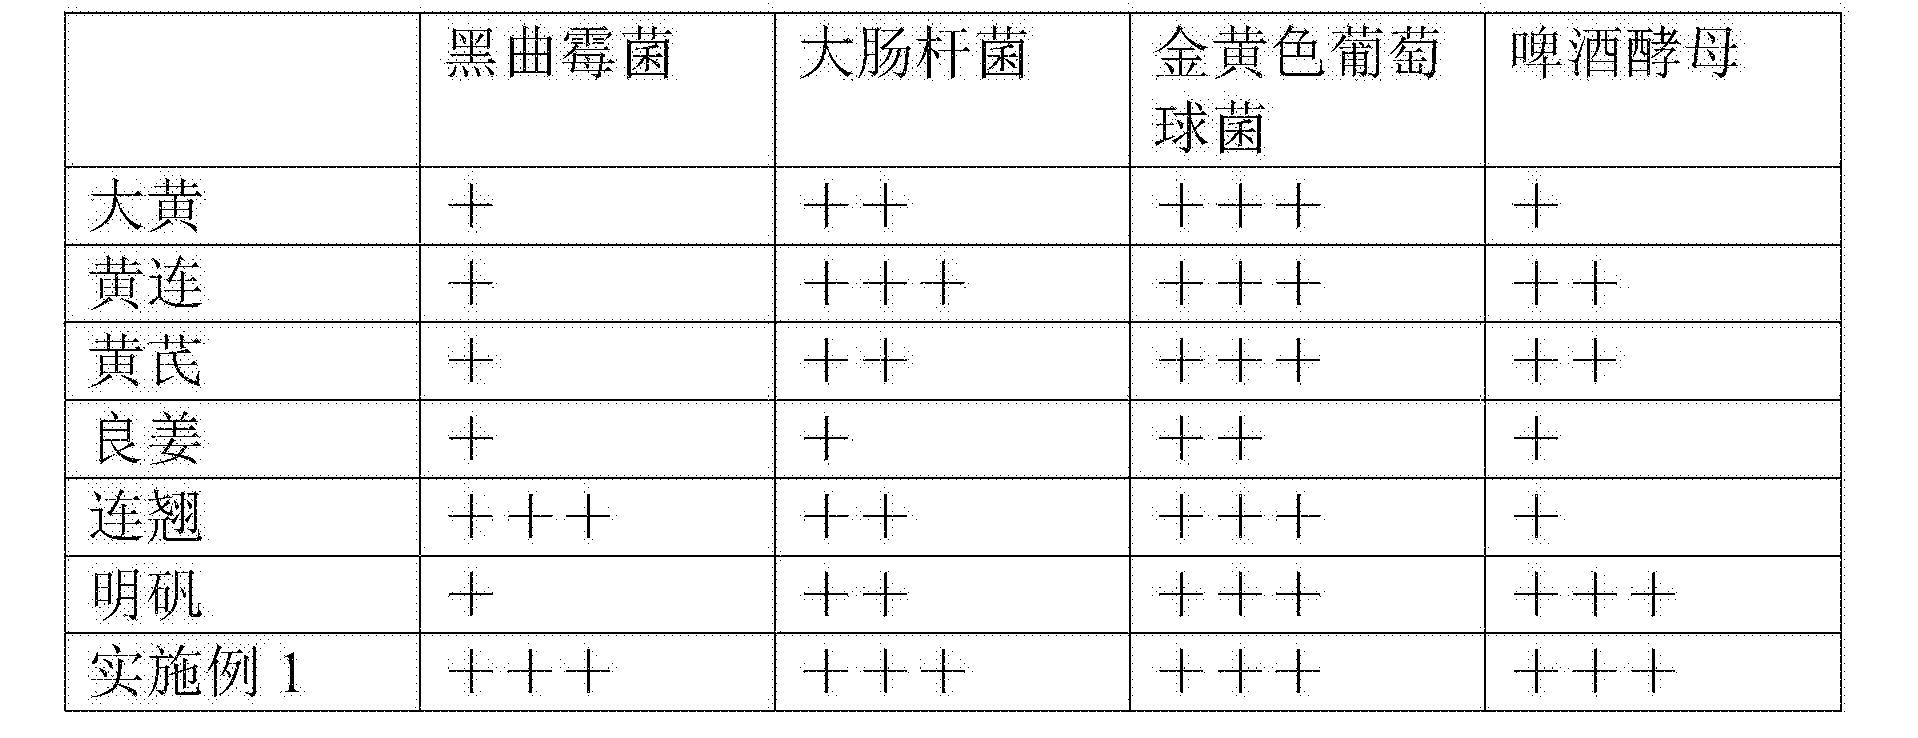 Figure CN104585159BD00051